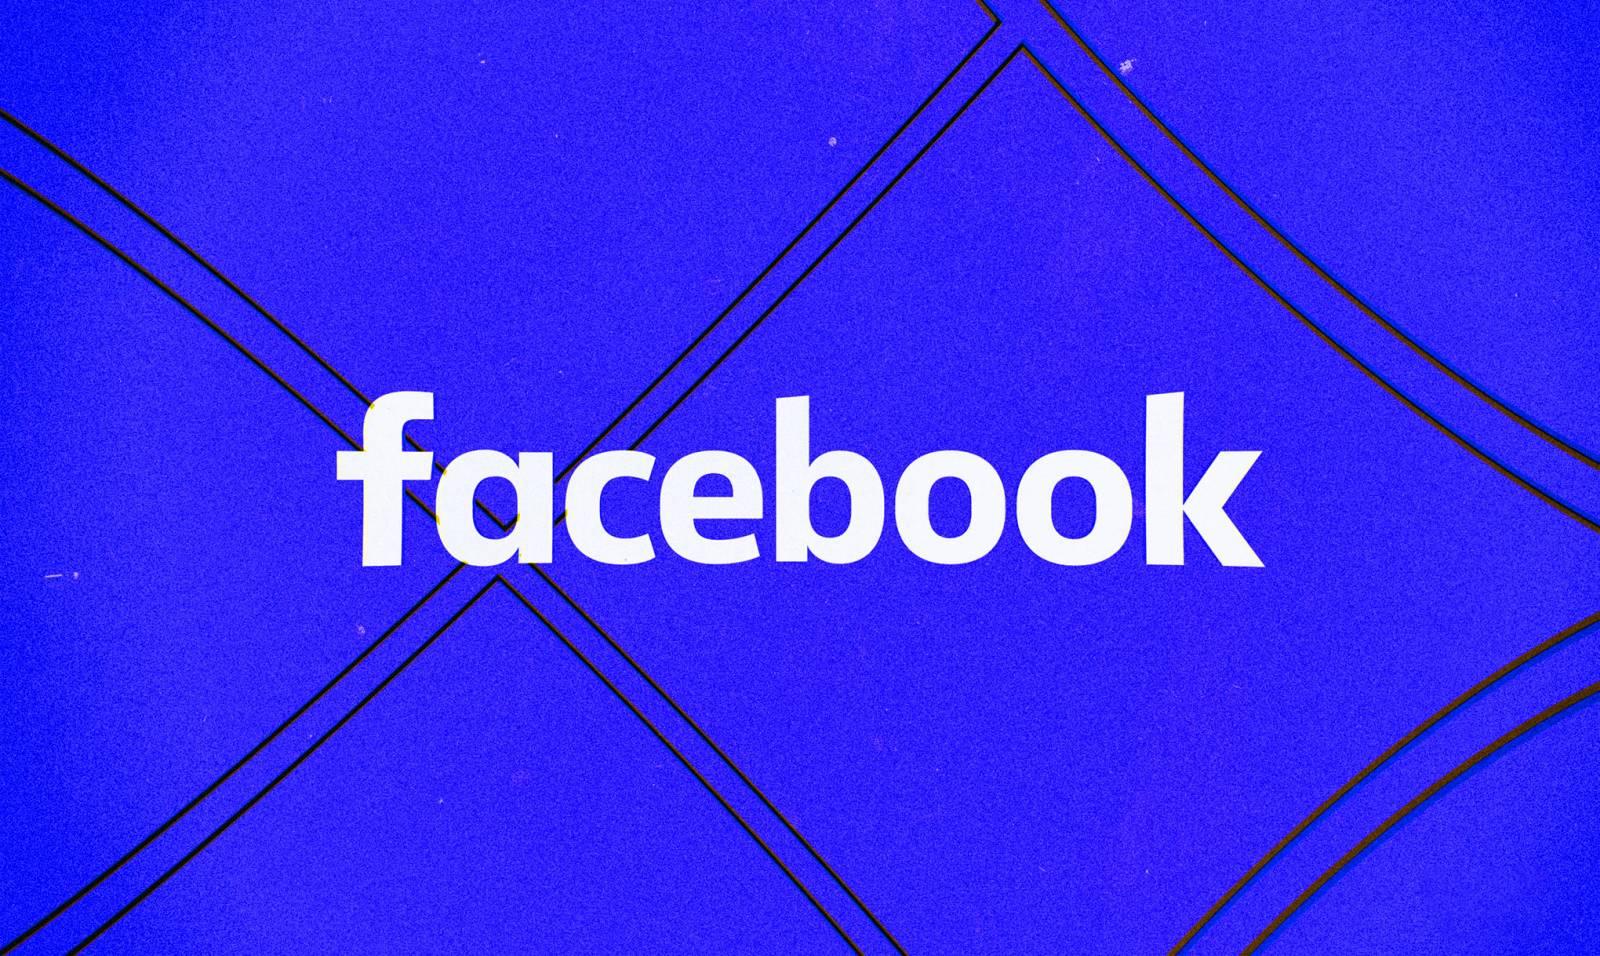 Facebook poze 3D inteligenta artificiala